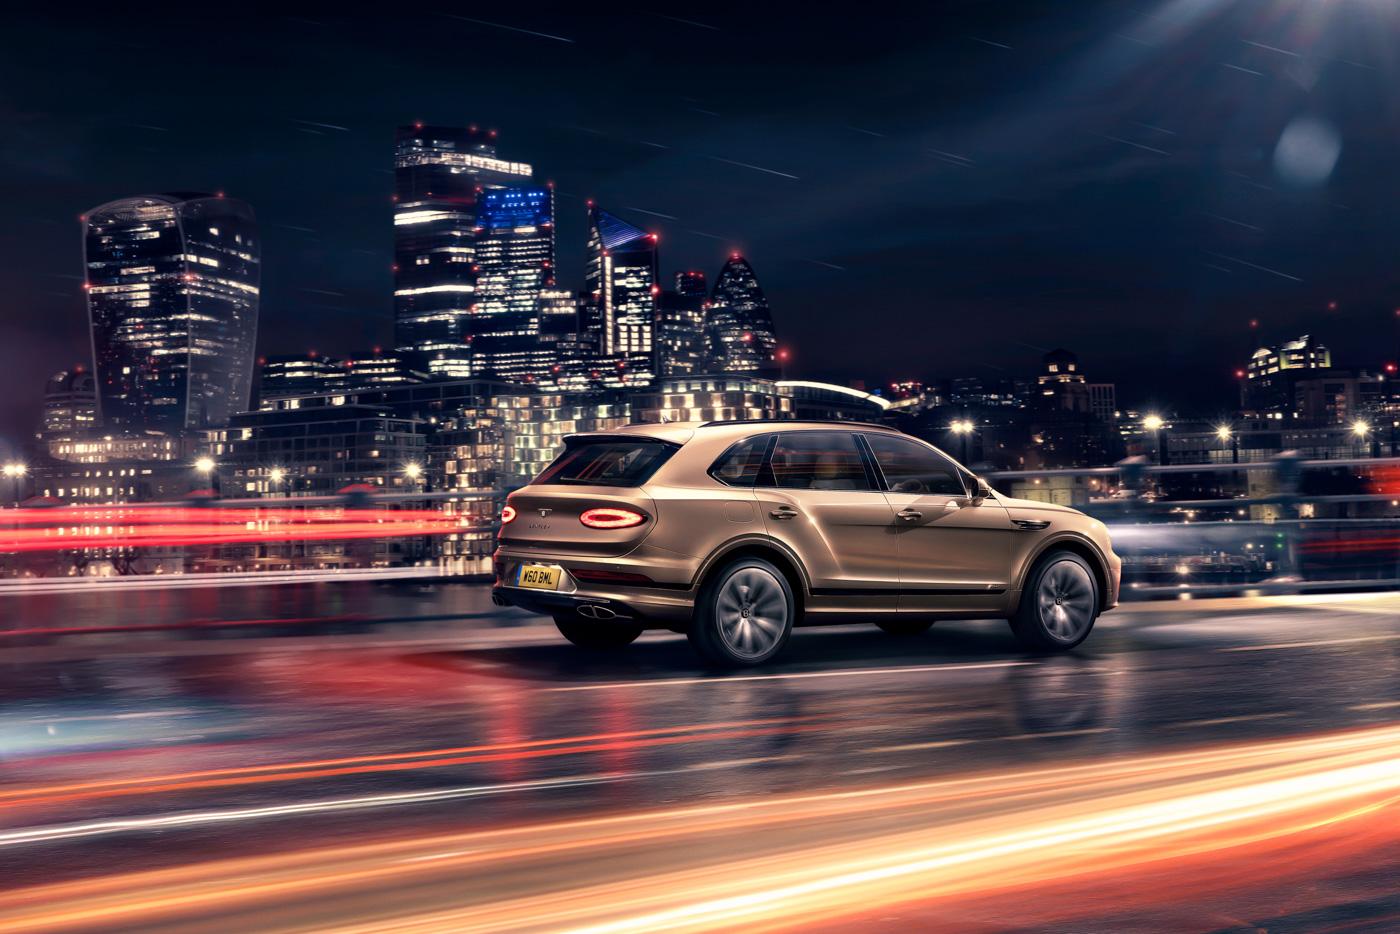 SUV-siêu-sang-Bentley-Bentayga-Hybrid-sẵn-sàng-đến-tay-khách-hàng-tại-Châu-Âu-2.jpg